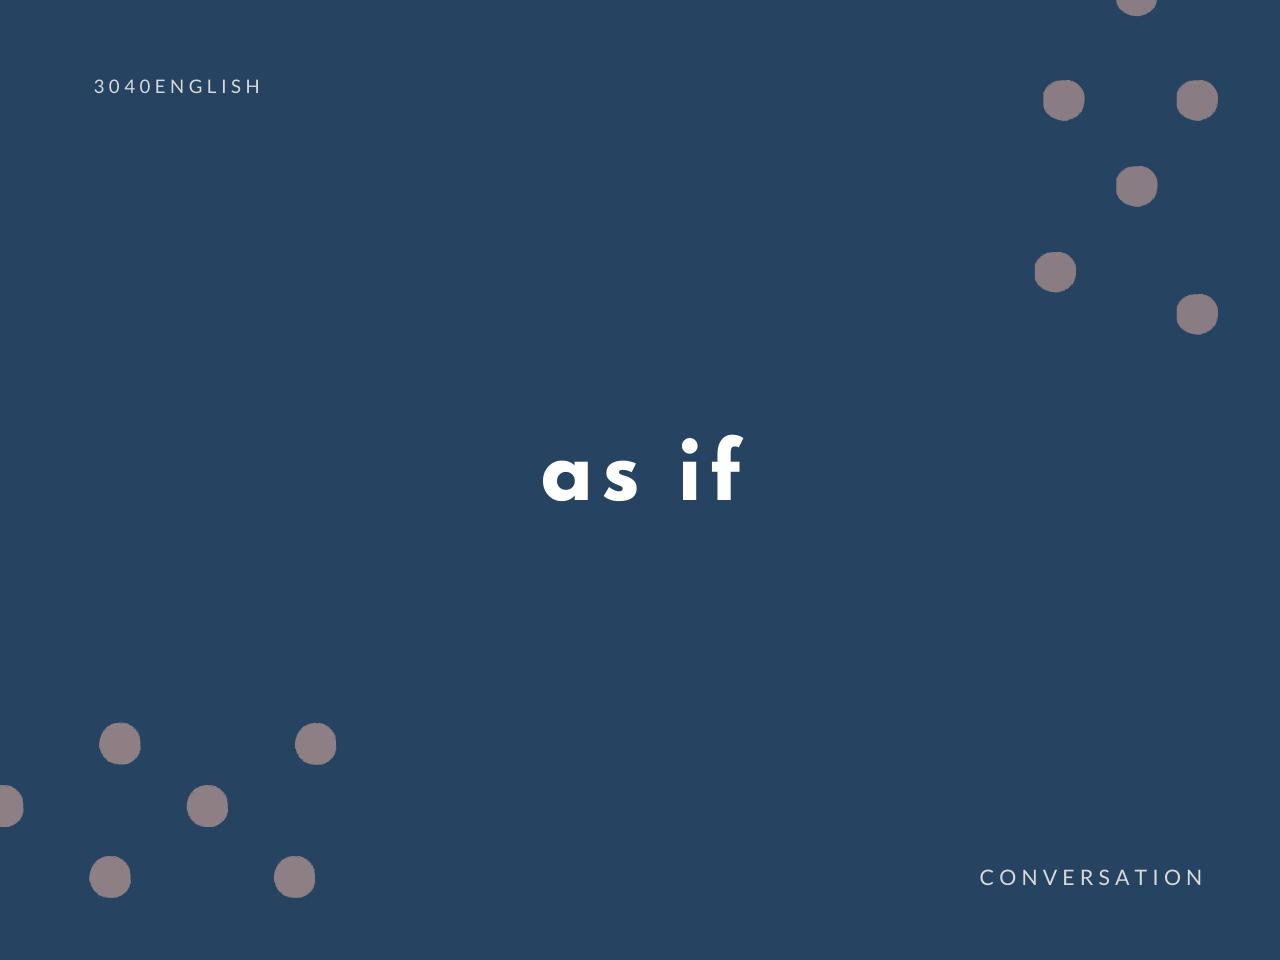 英会話でよく使う as if ... の意味と簡単な使い方【例文あり】